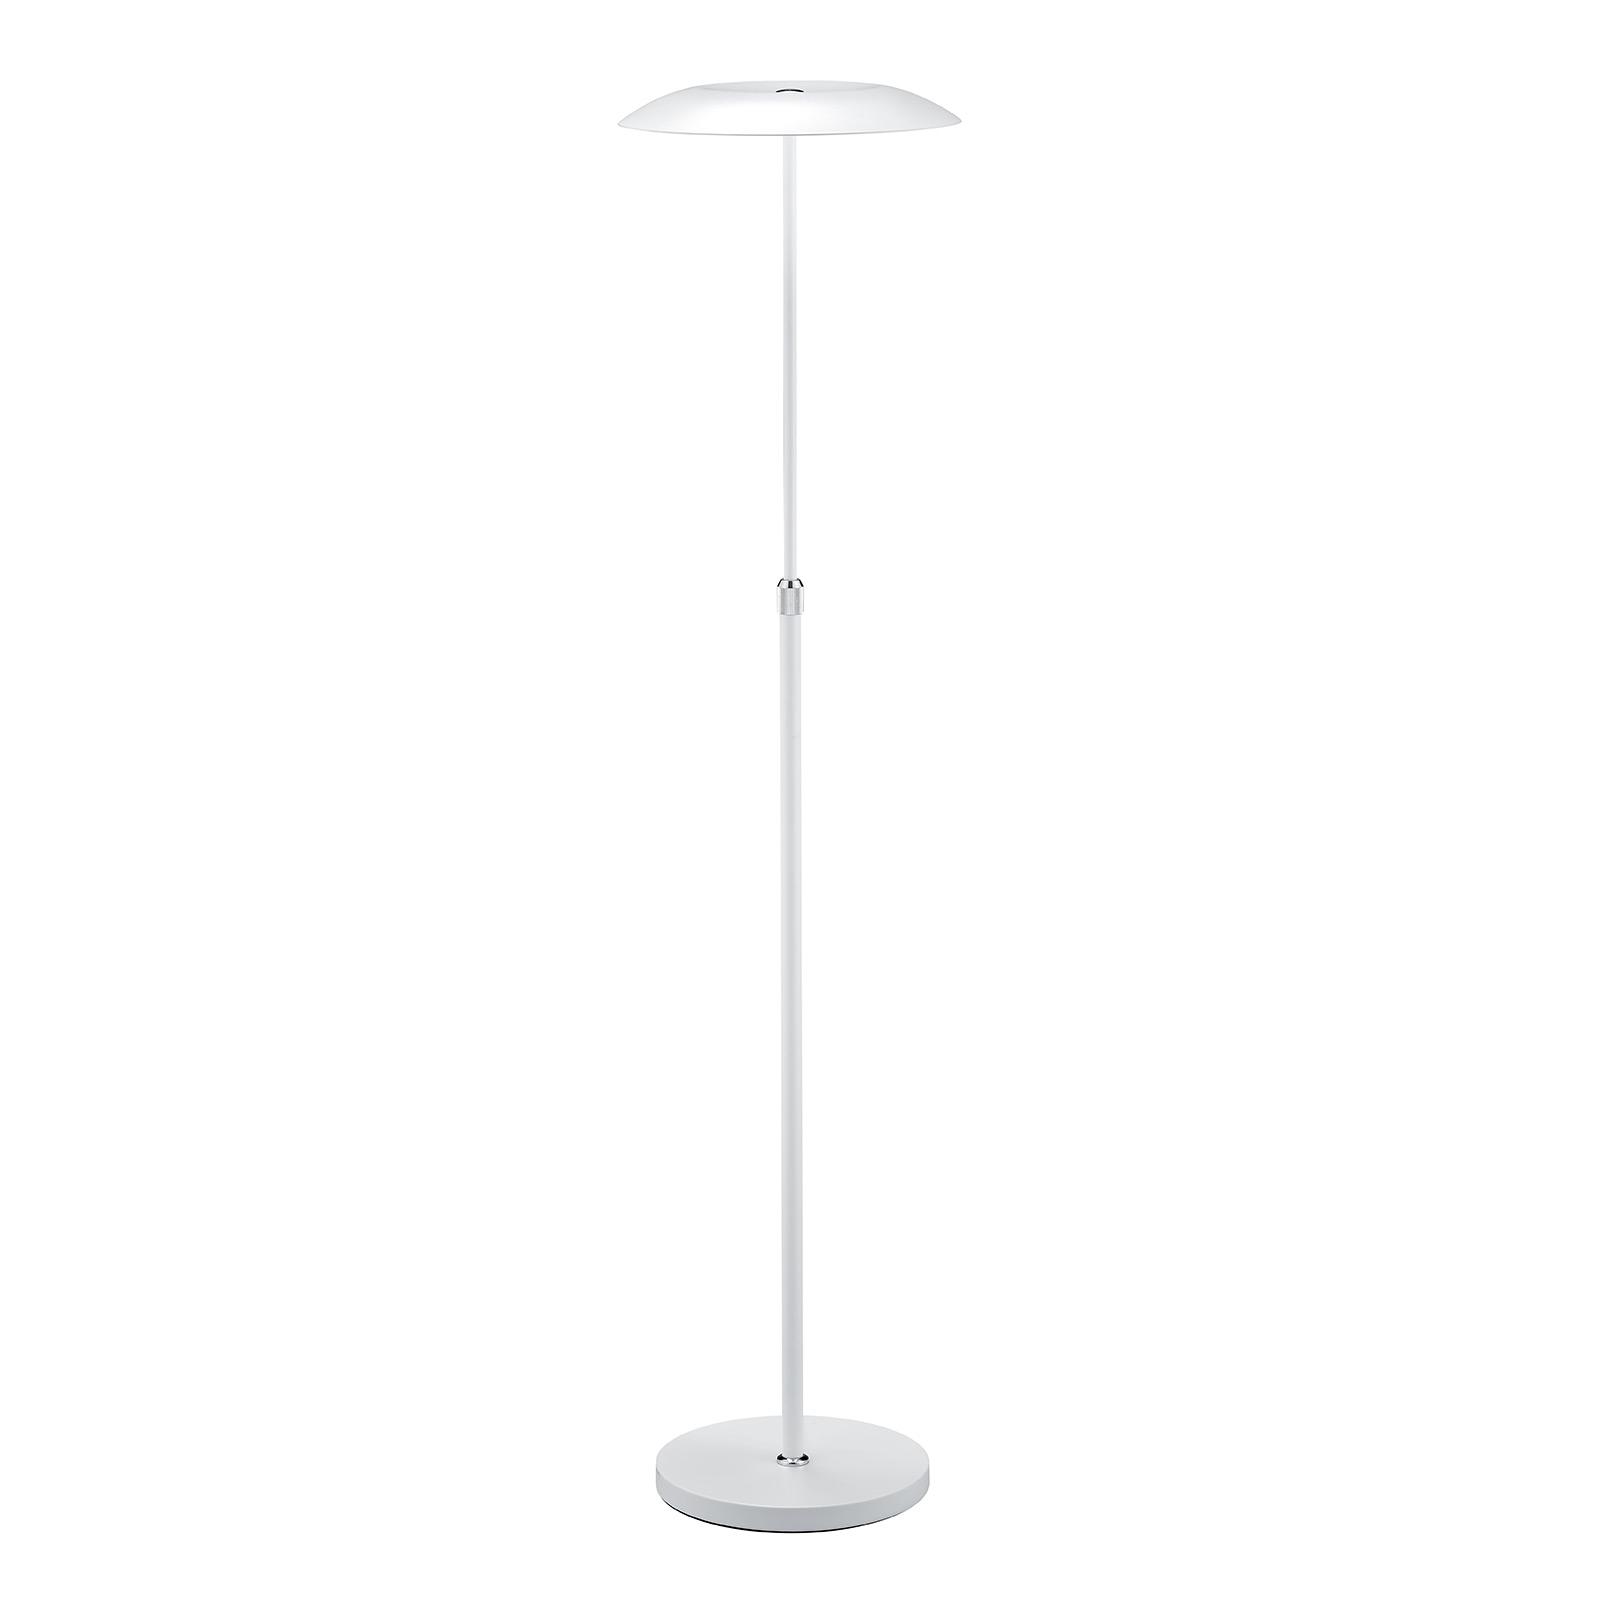 B-Leuchten Curling LED-Stehleuchte weiß